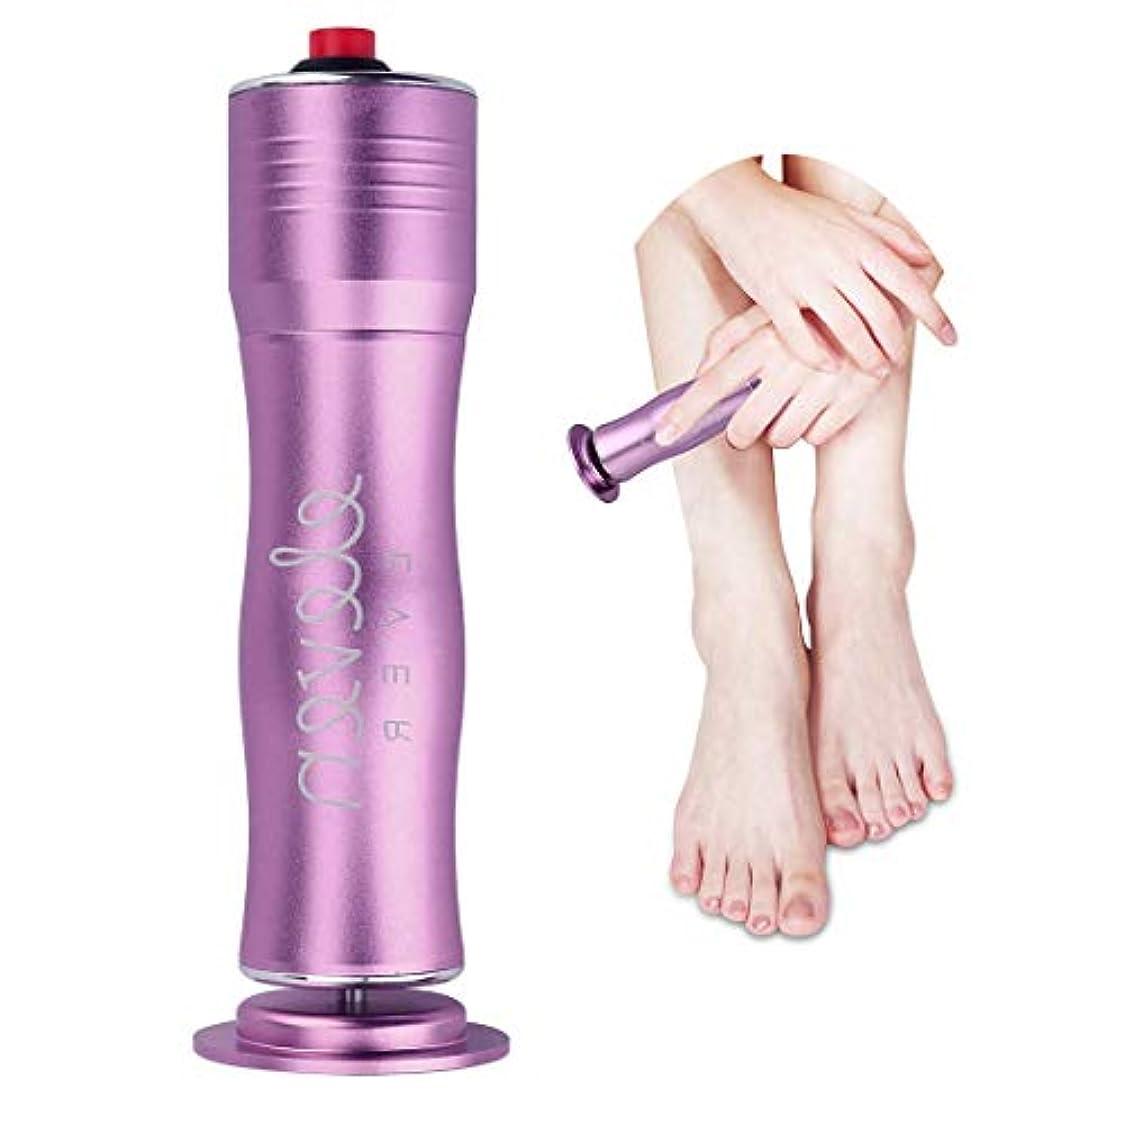 文言ドラゴン再生可能電動角質リムーバー 角質取り スピーディに足の角質を除去可能 速度調節可能 清潔的 衛生的な足部ケア道具 磨足器 ペディキュアマシン 使い捨てのサンドペーパー付き 男女兼用